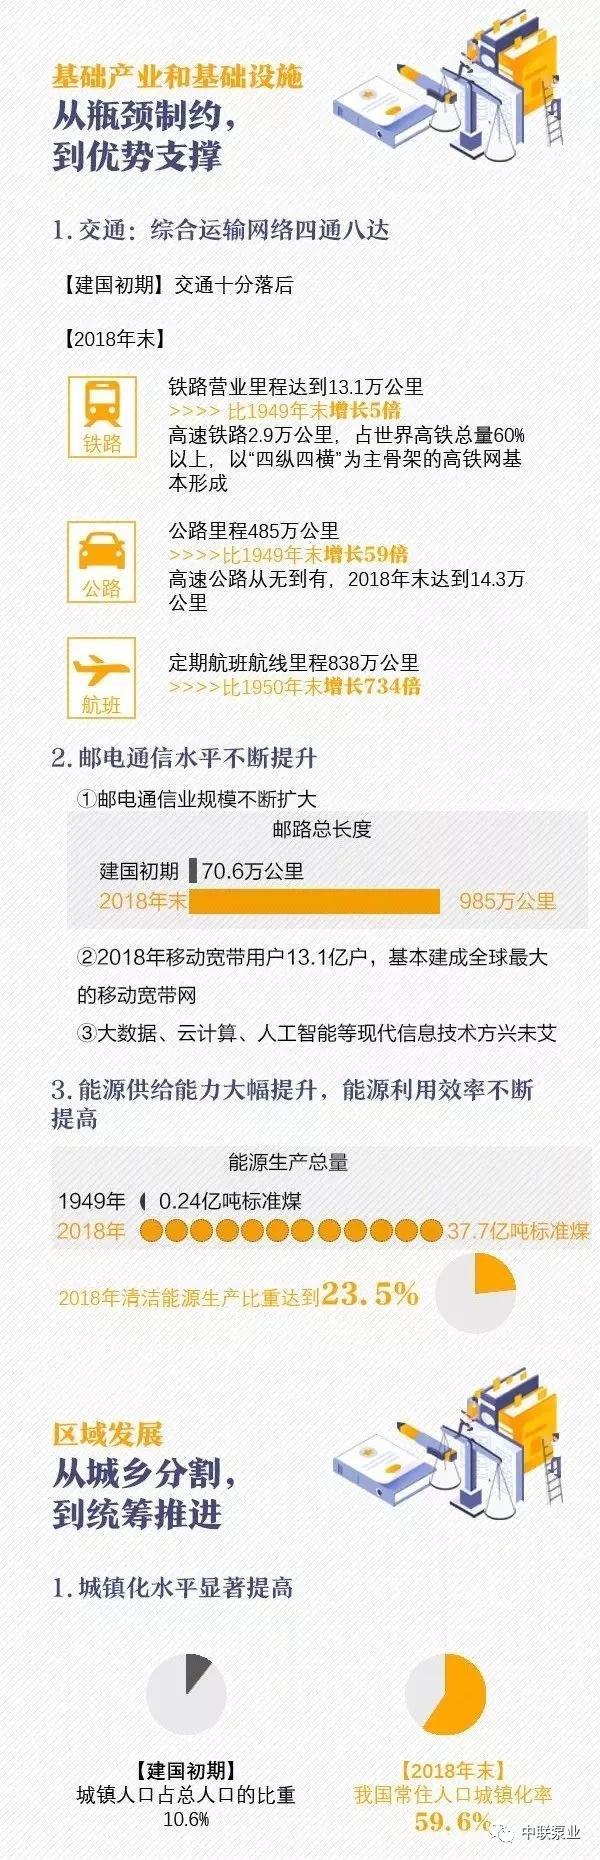 新中国建国70年变迁史3